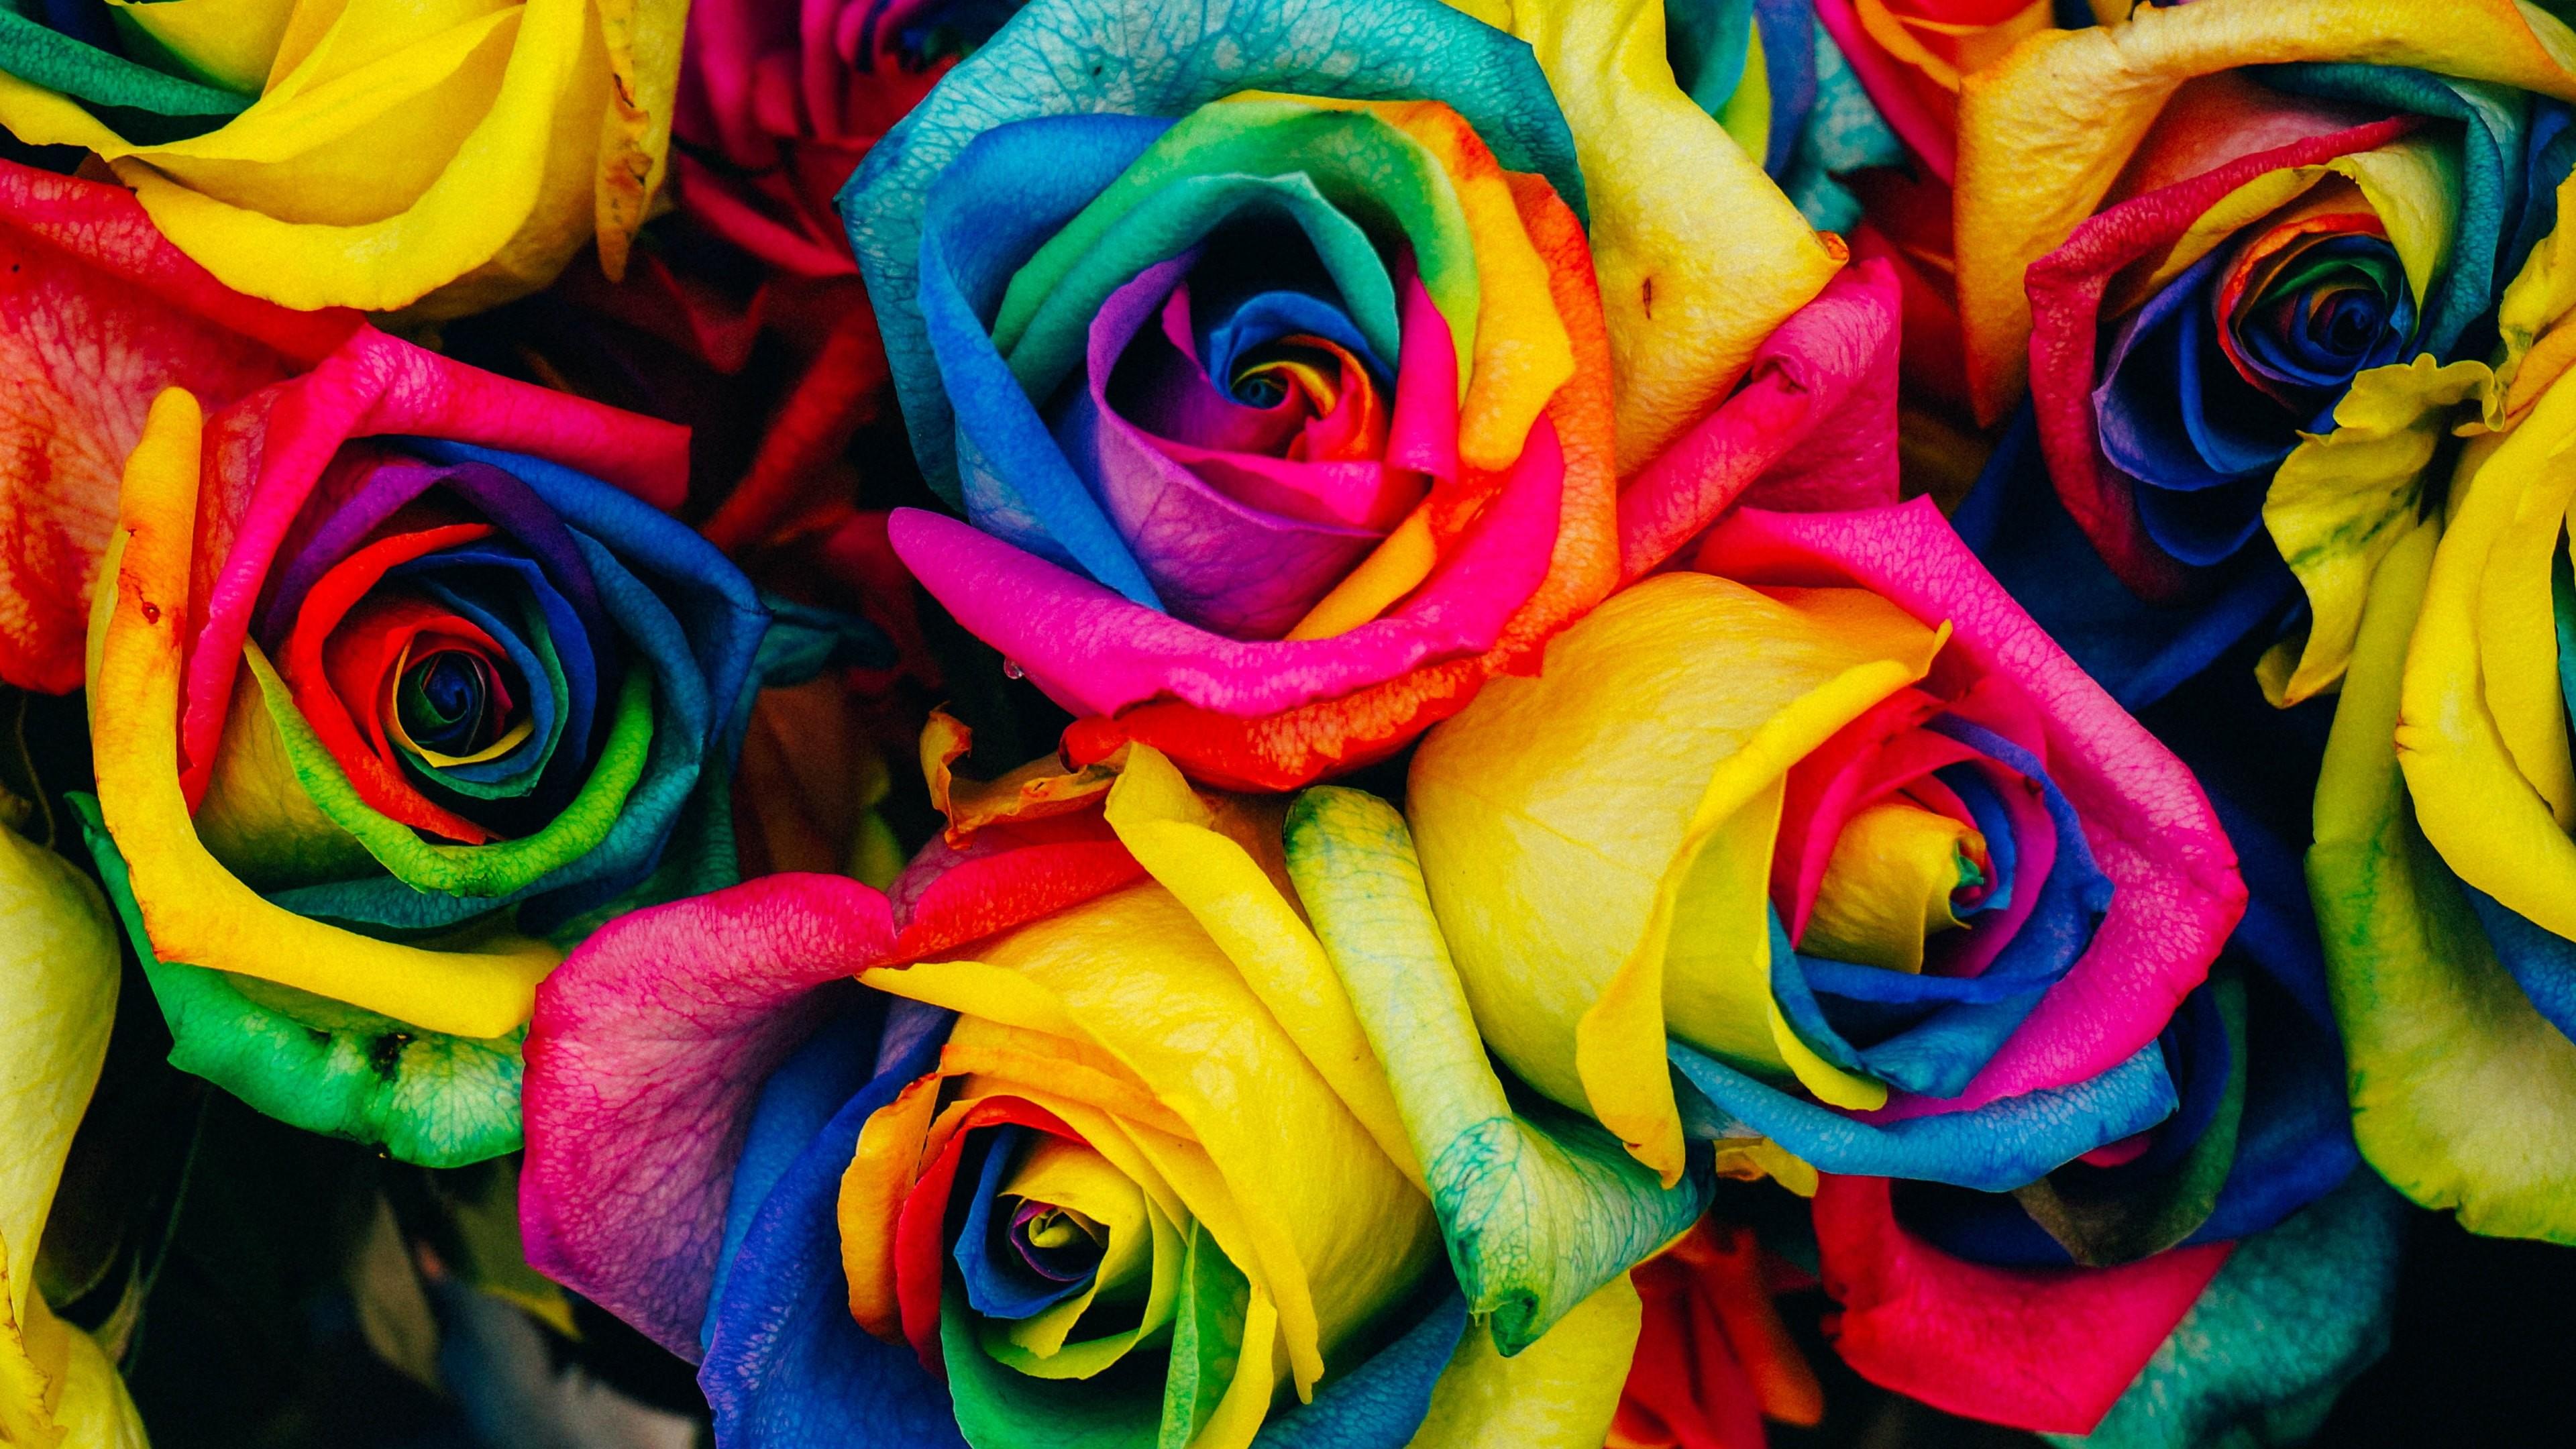 Rainbow Rose Wallpapers Free ~ Sdeerwallpaper